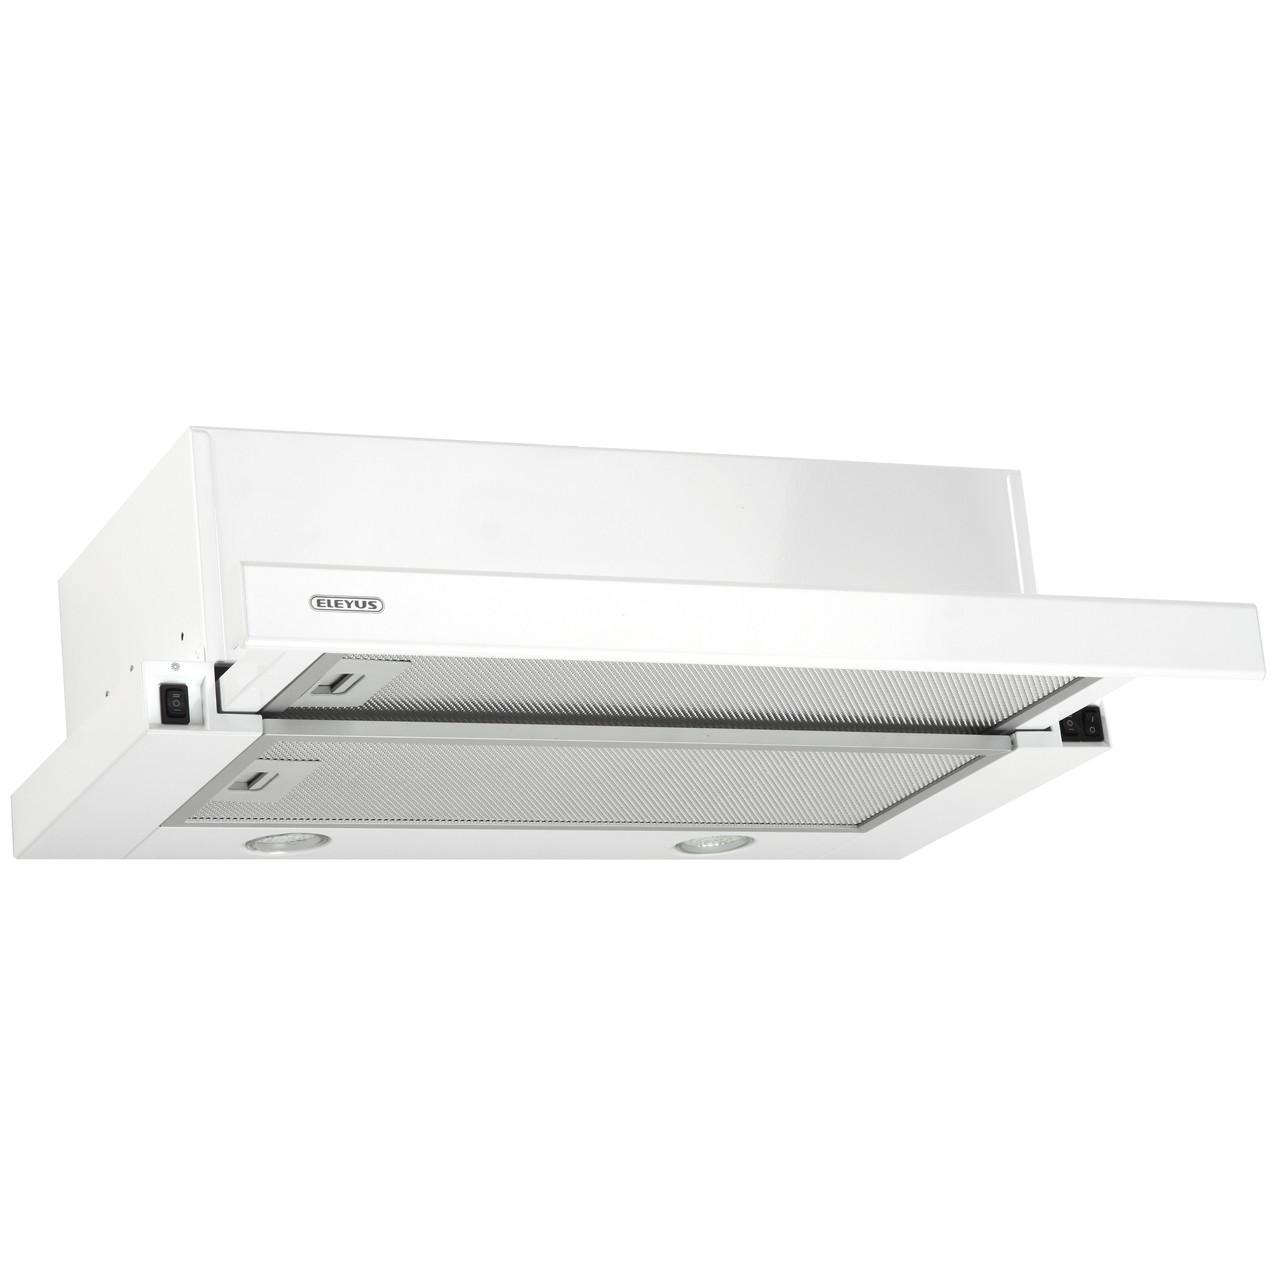 Витяжка кухонна телескопічна ELEYUS Storm 700 LED SMD 60 WH + Безкоштовна доставка!